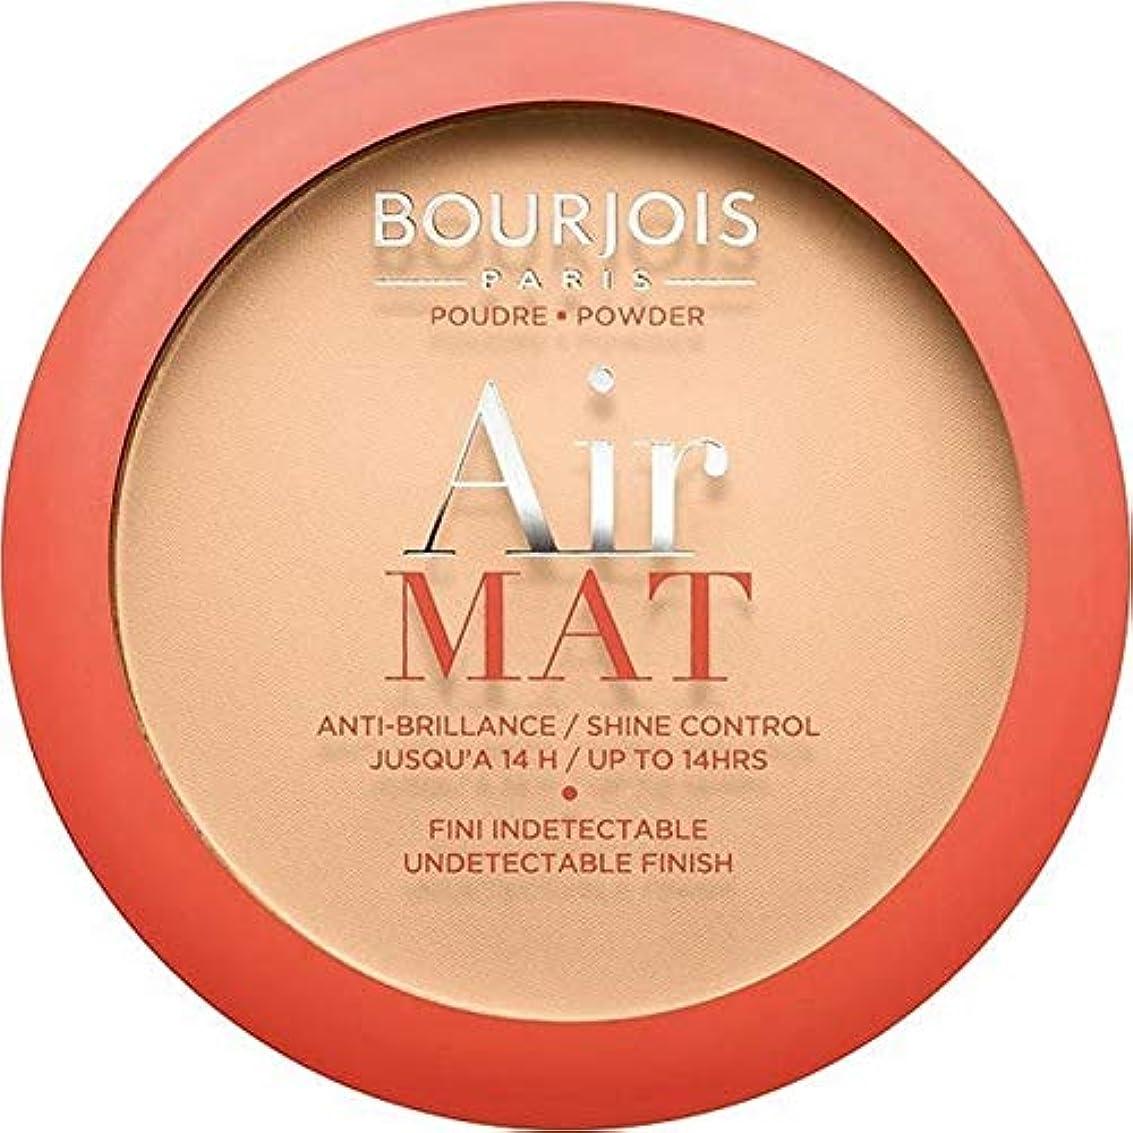 時折ハッピーガレージ[Bourjois ] ブルジョワ空気マット圧粉 - ライトベージュ - Bourjois Air Mat Pressed Powder - Light Beige [並行輸入品]